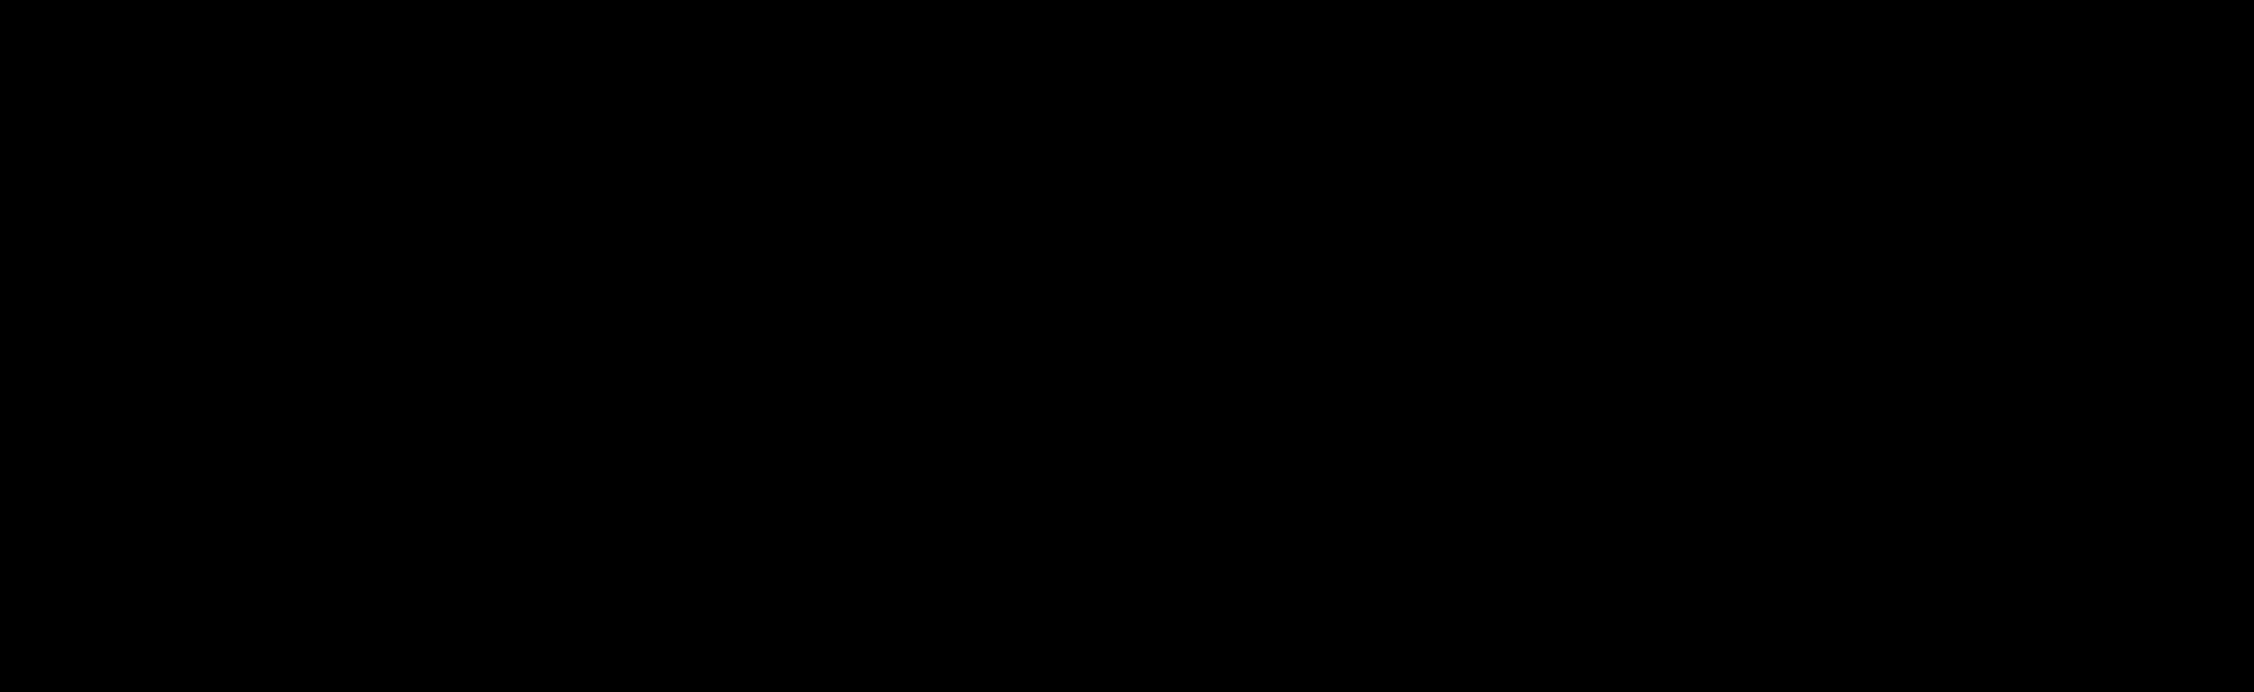 Dimethoxycurcumin-d<sub>6</sub>